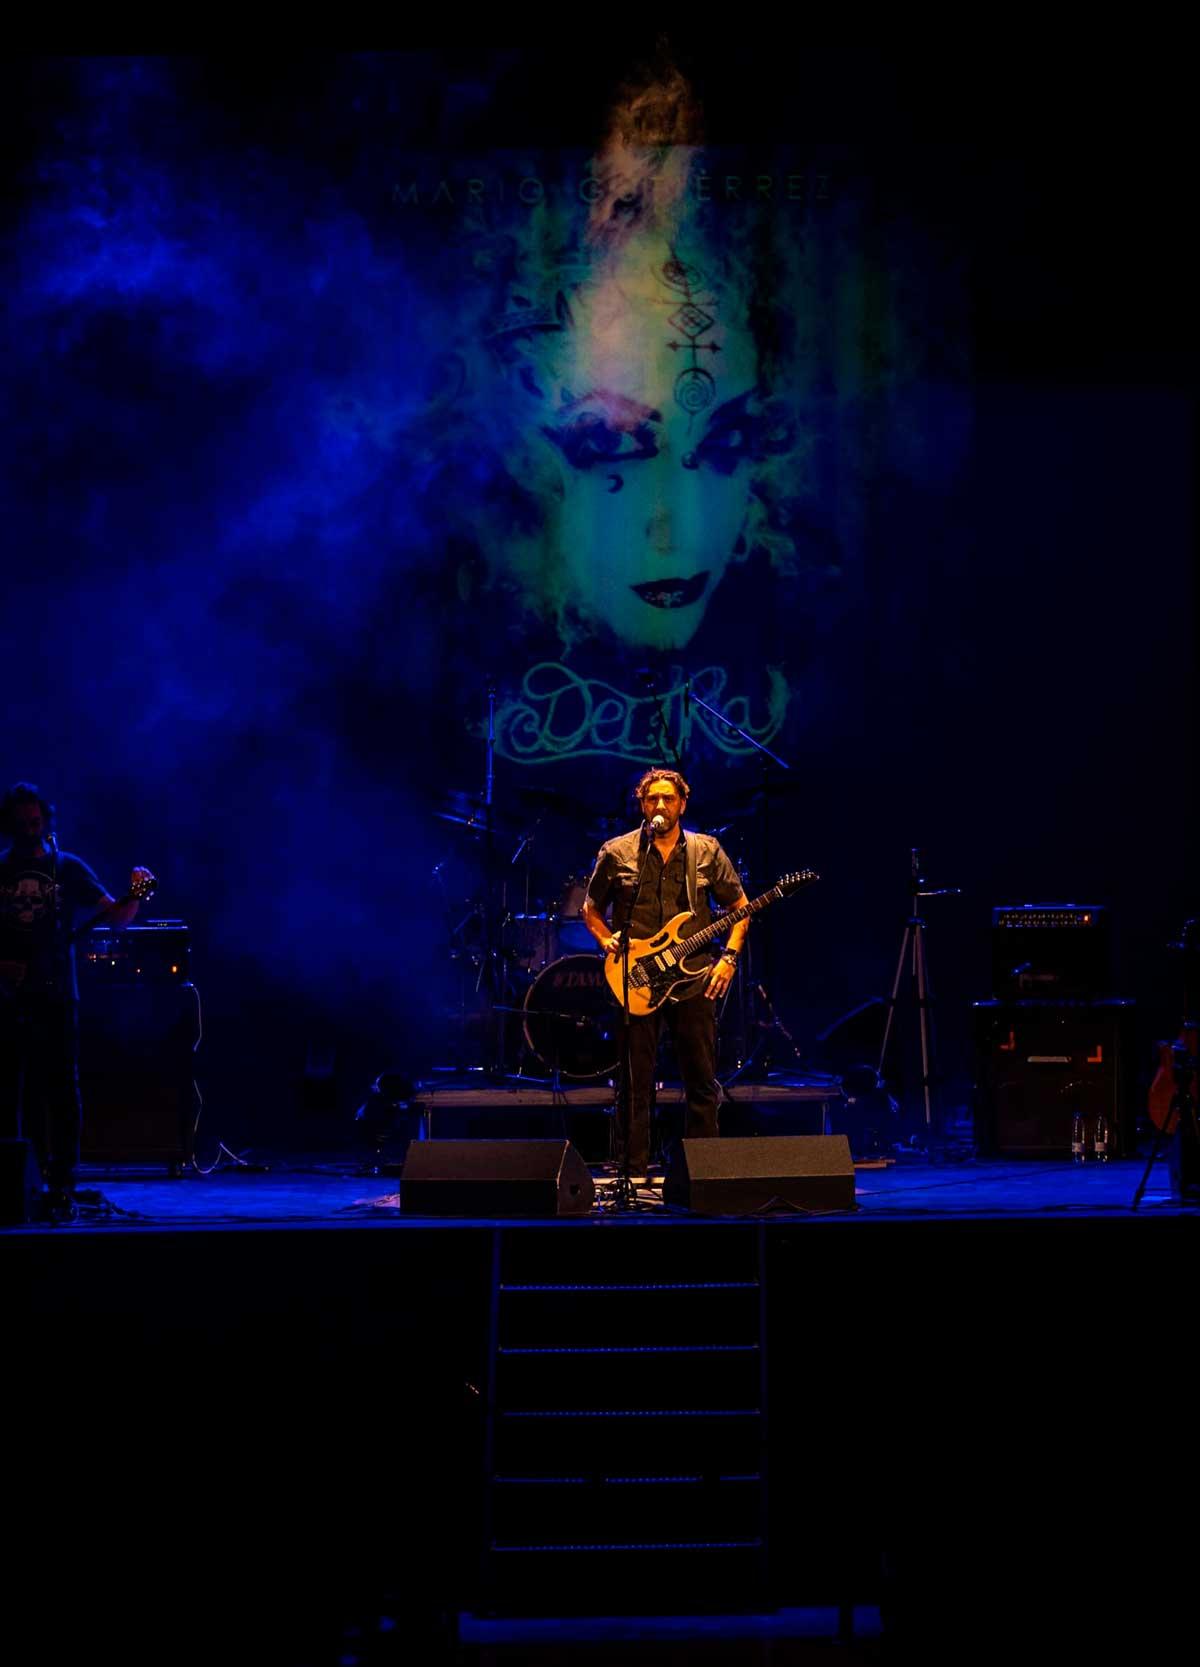 deliria-mario-gutierrez-guitarra-presentacion-granada